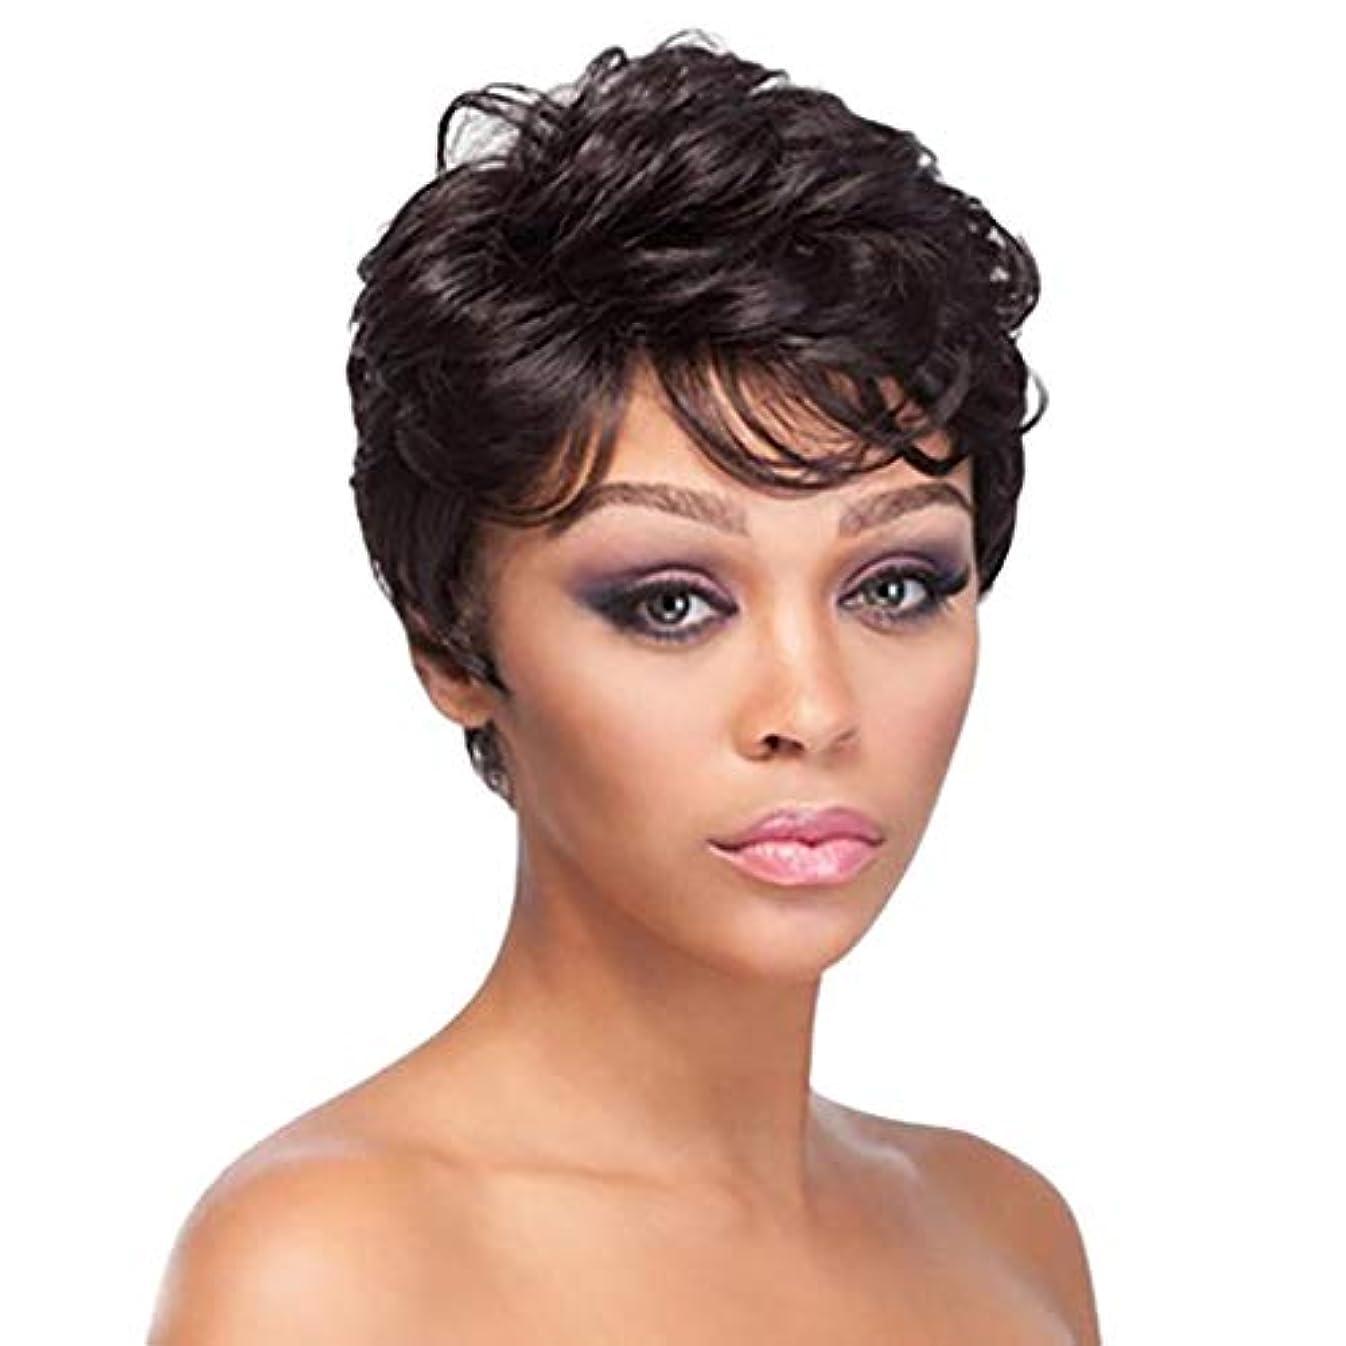 請願者一見容器かつら短い巻き毛ふわふわ天然化学繊維ウィッグローズヘアネット10CM